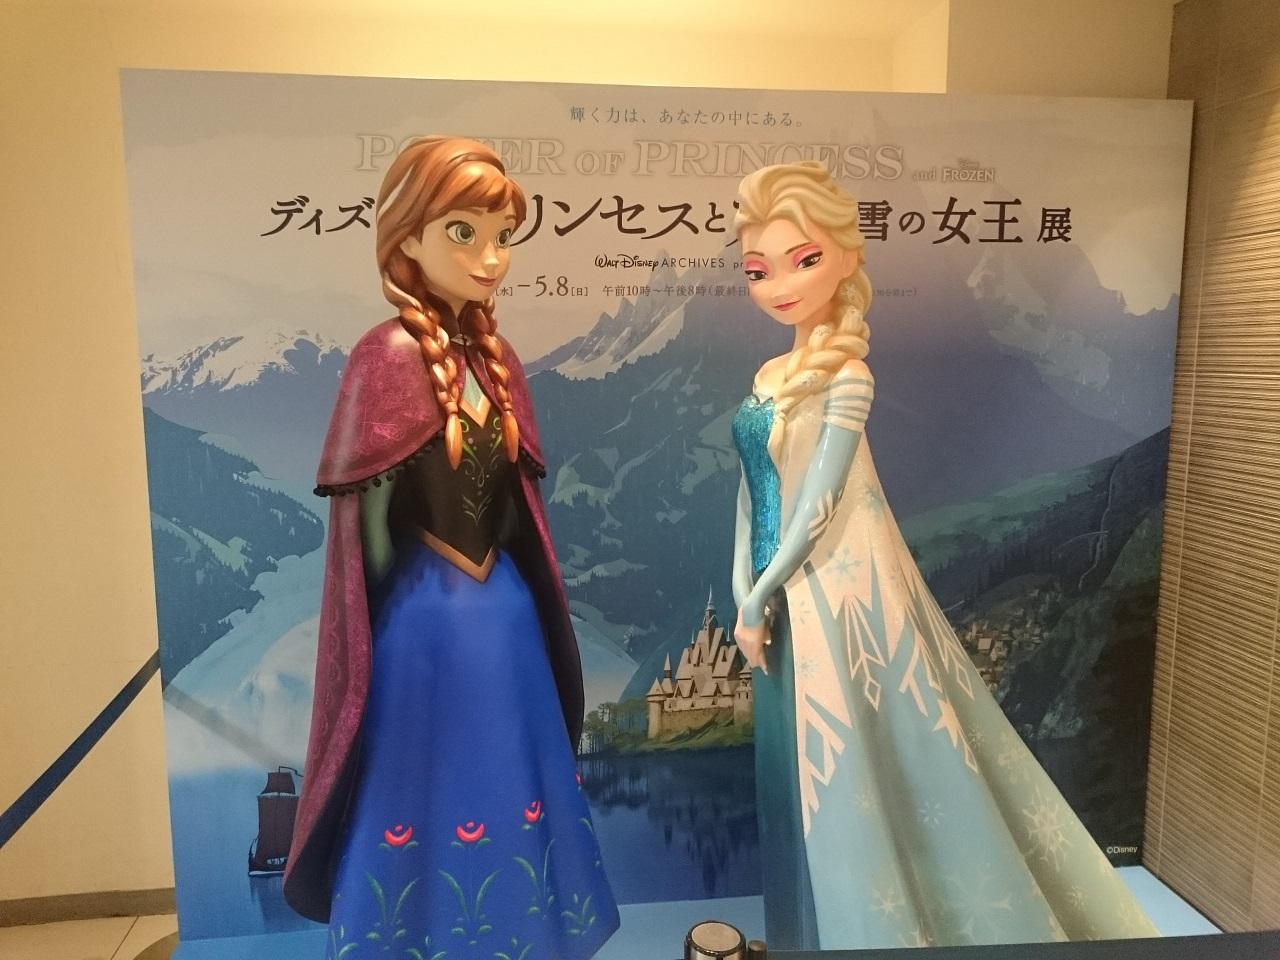 ディズニープリンセスとアナと雪の女王展_アナ雪